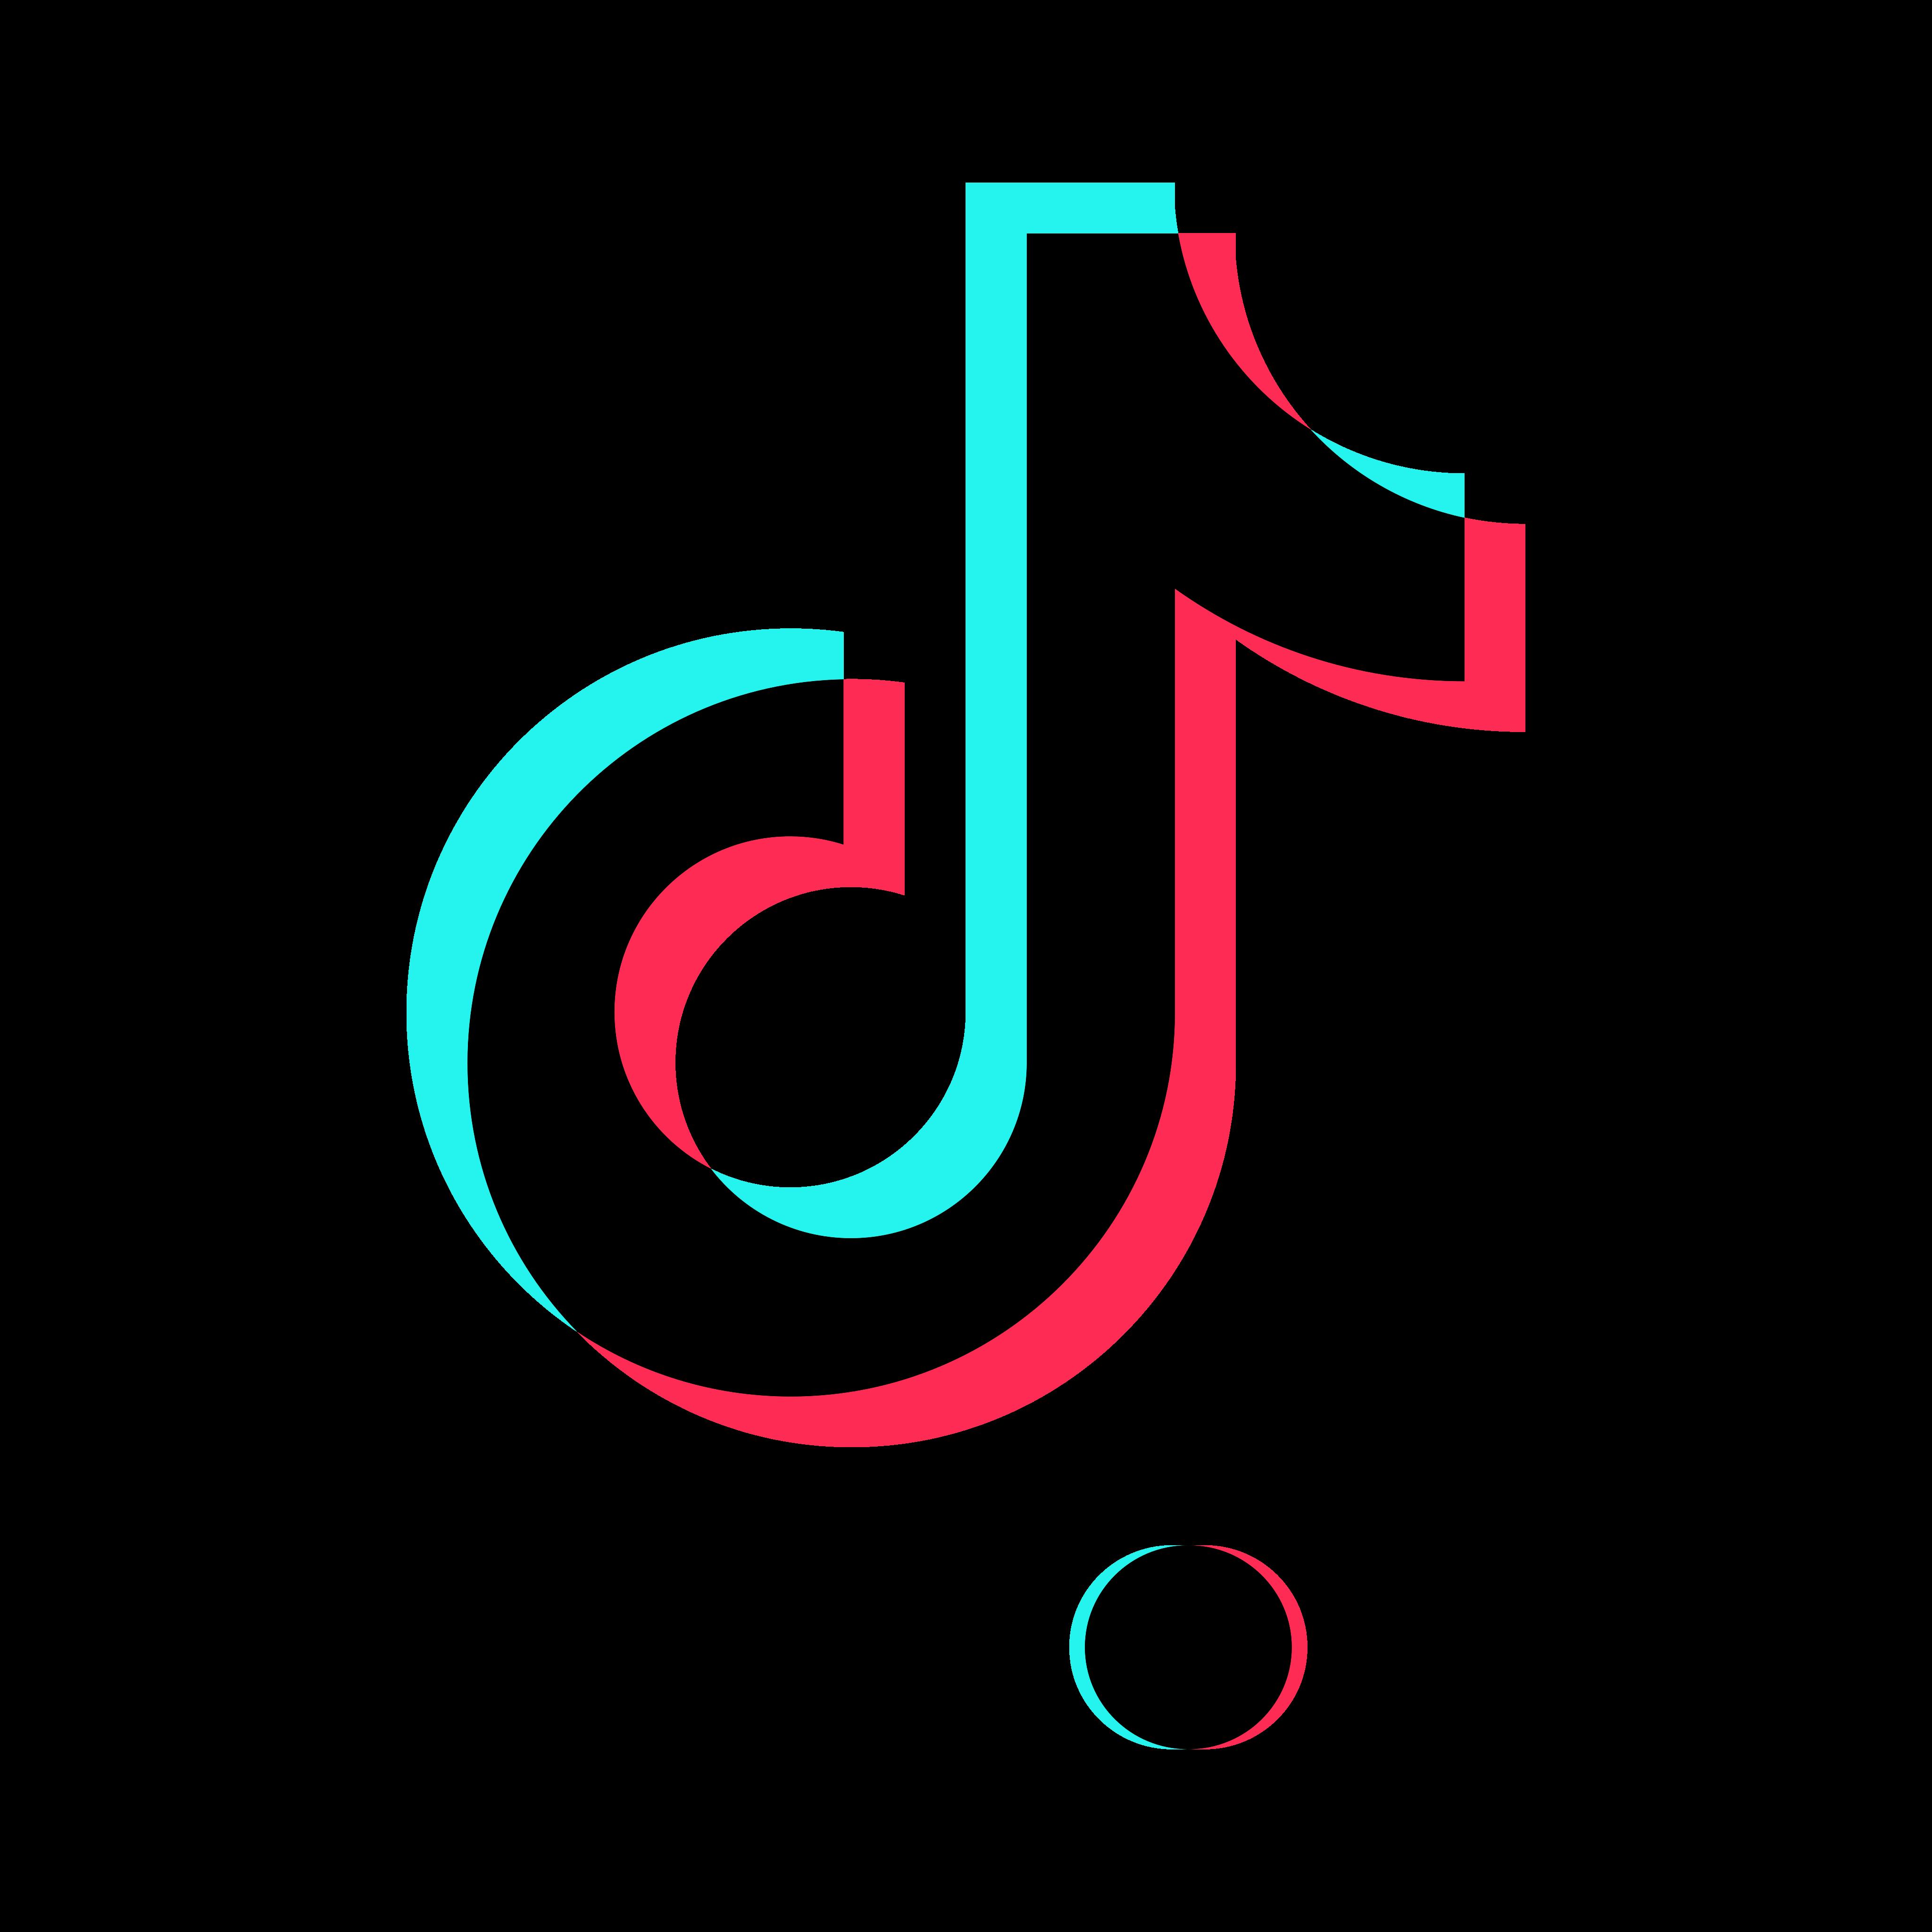 tiktok logo 0 1 - TikTok Logo